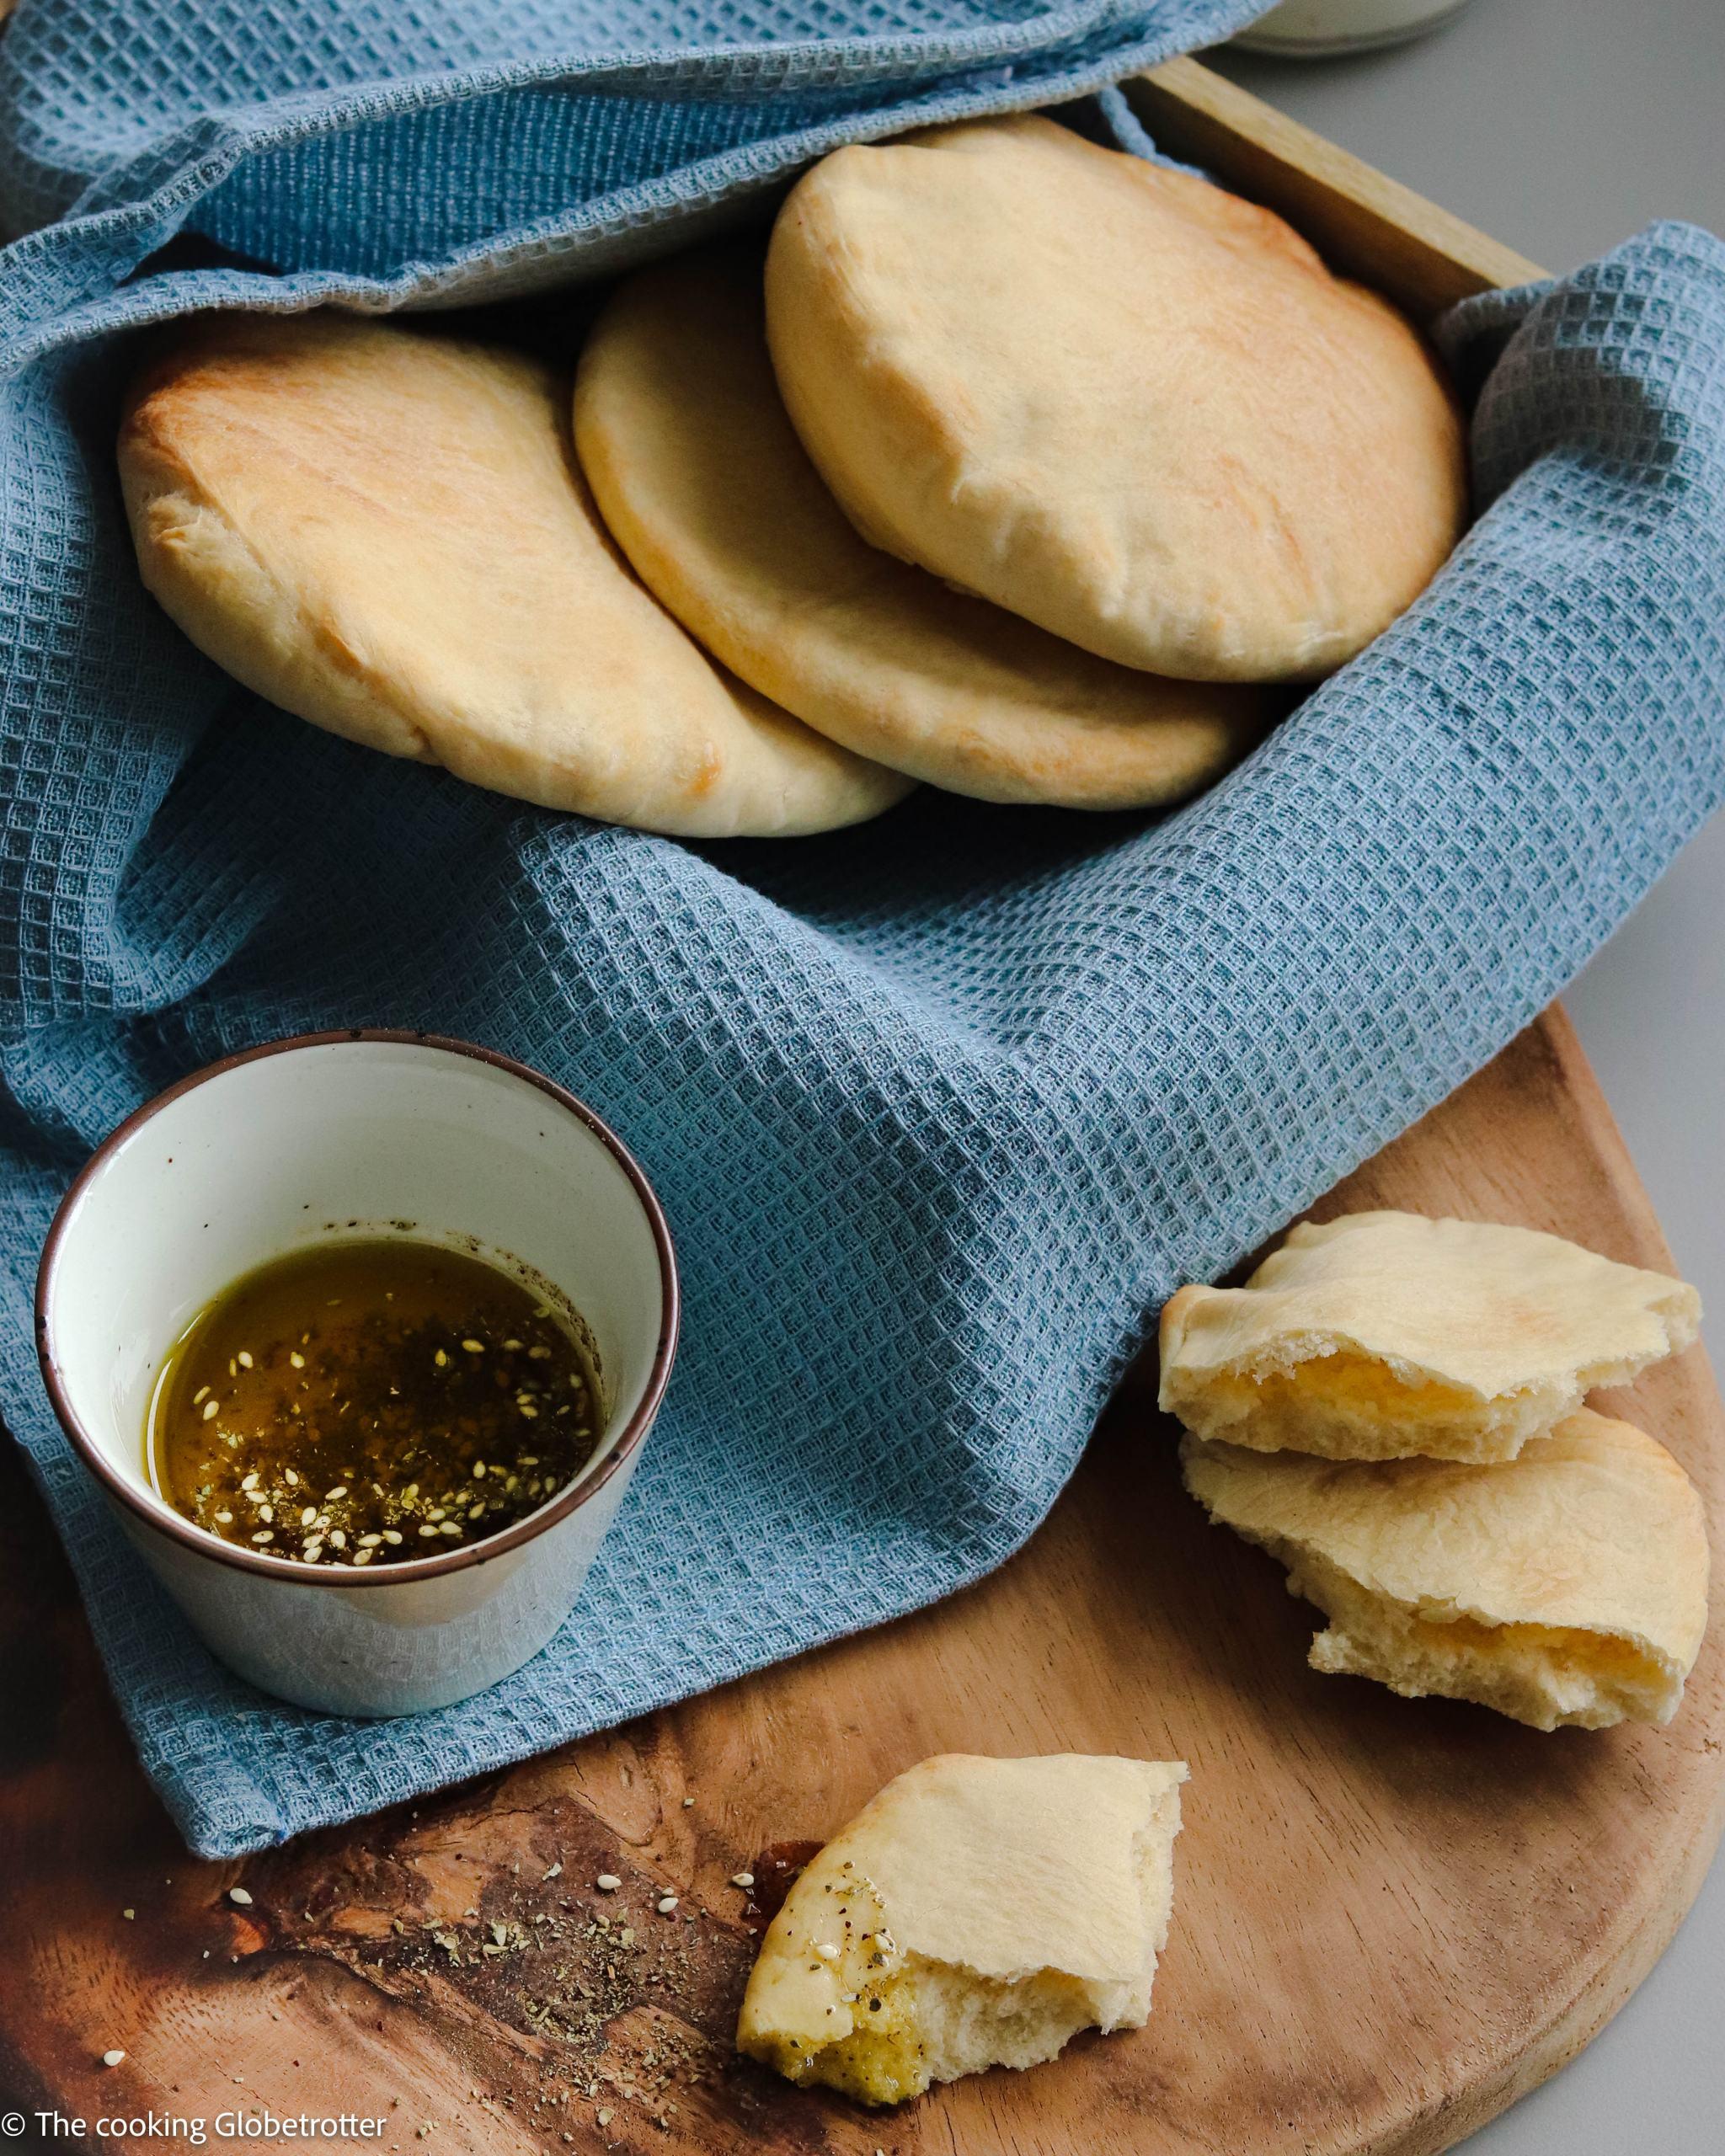 Index Featured Pita ist ein Fladenbrot aus Hefeteig, das sehr verbreitet im ganzen Nahen Osten ist. Da die Taschen innen hohl sind, eignen sie sich wunderbar zum Füllen. Wie wird hier in dem dem Rezept erklärt!